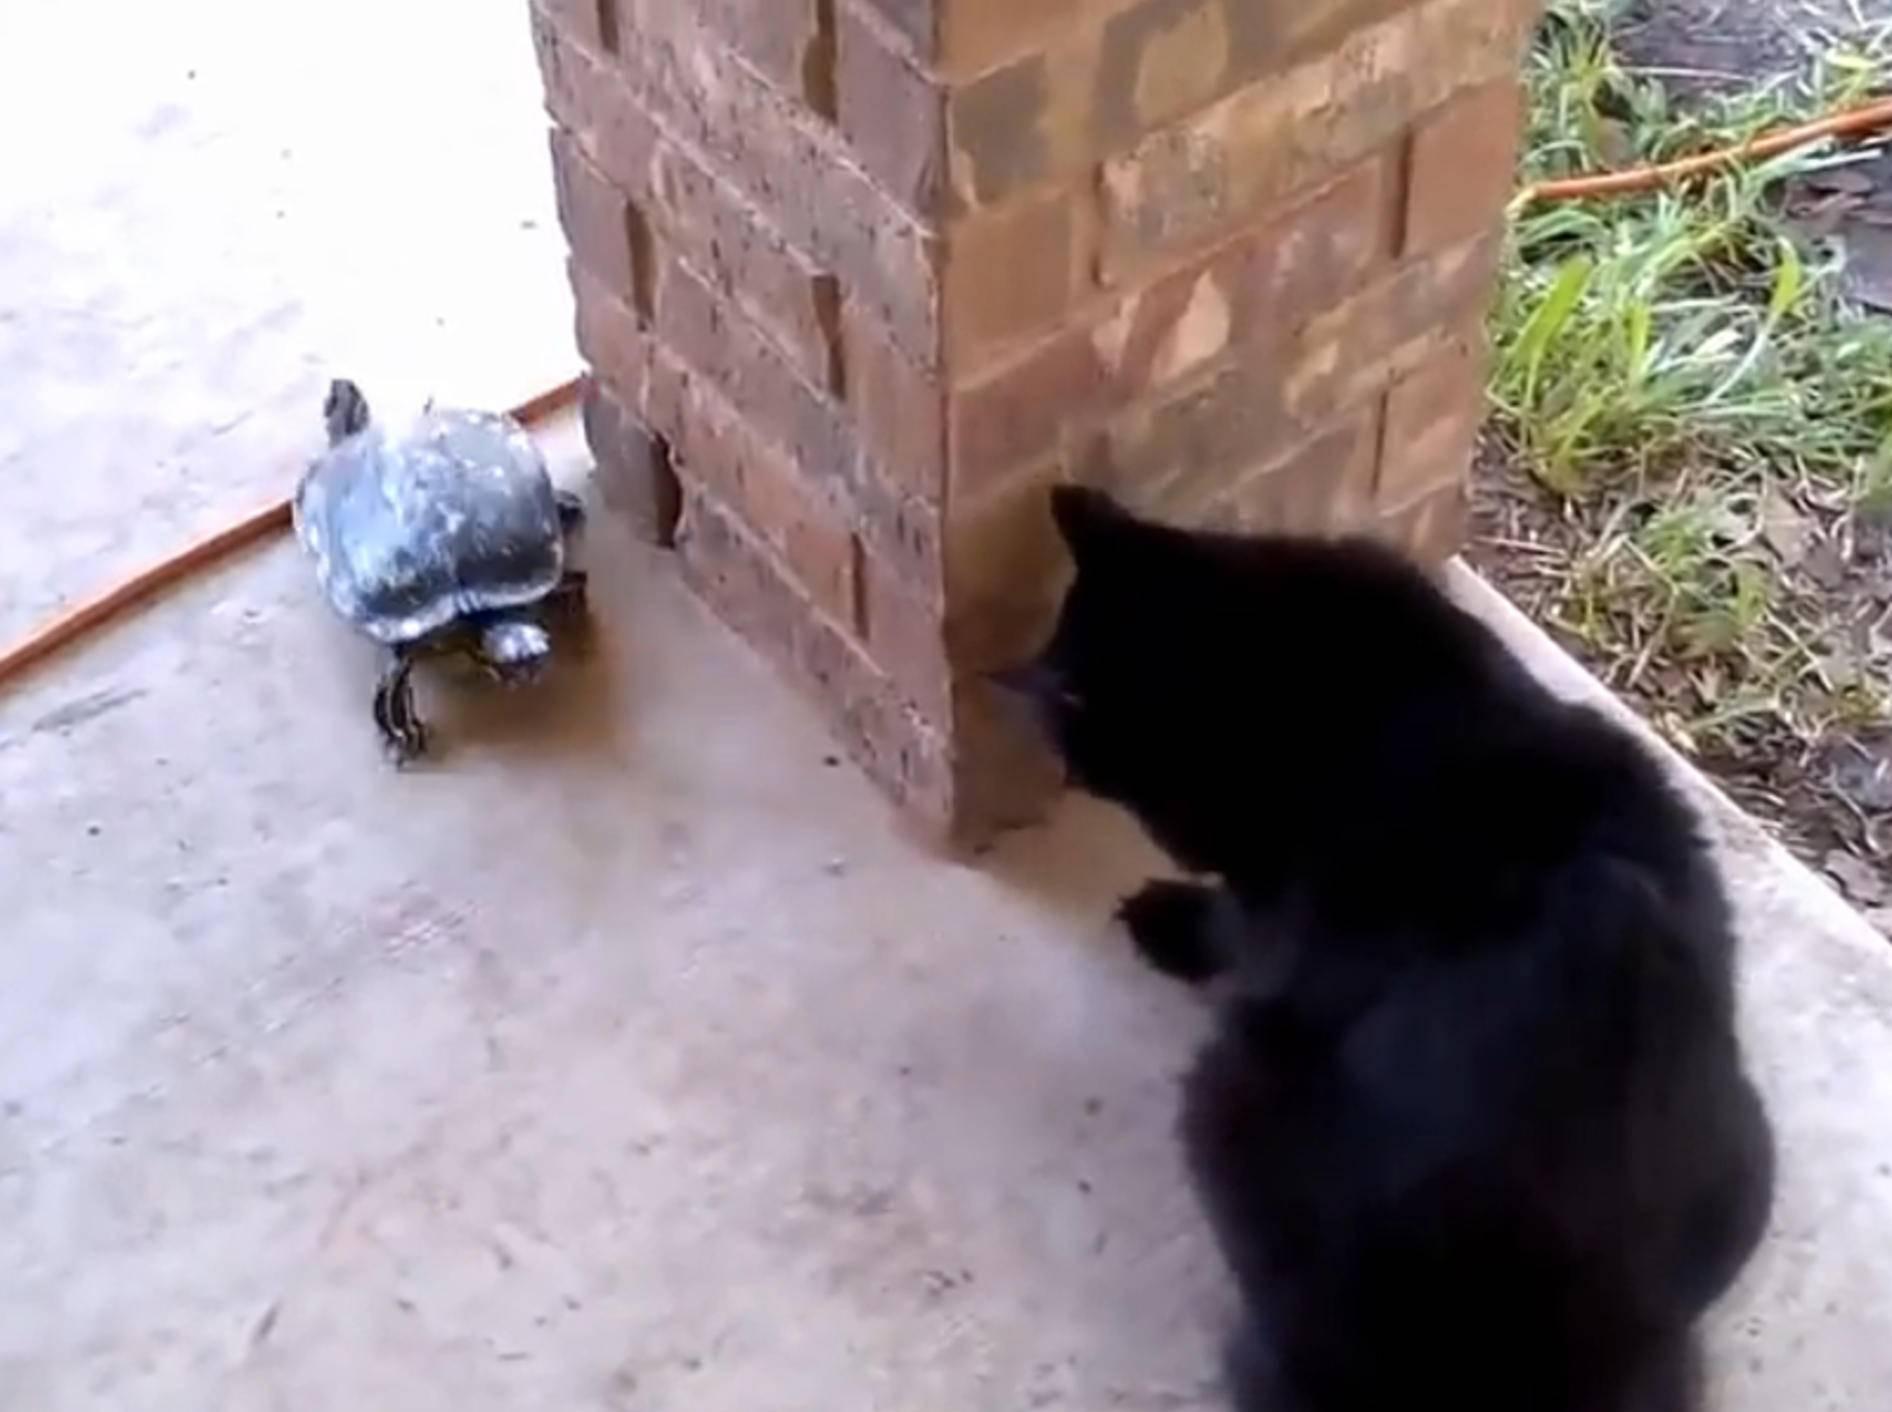 Katze und Schildkröte: Wer jagt hier wen? – Bild: YouTube / Catsss